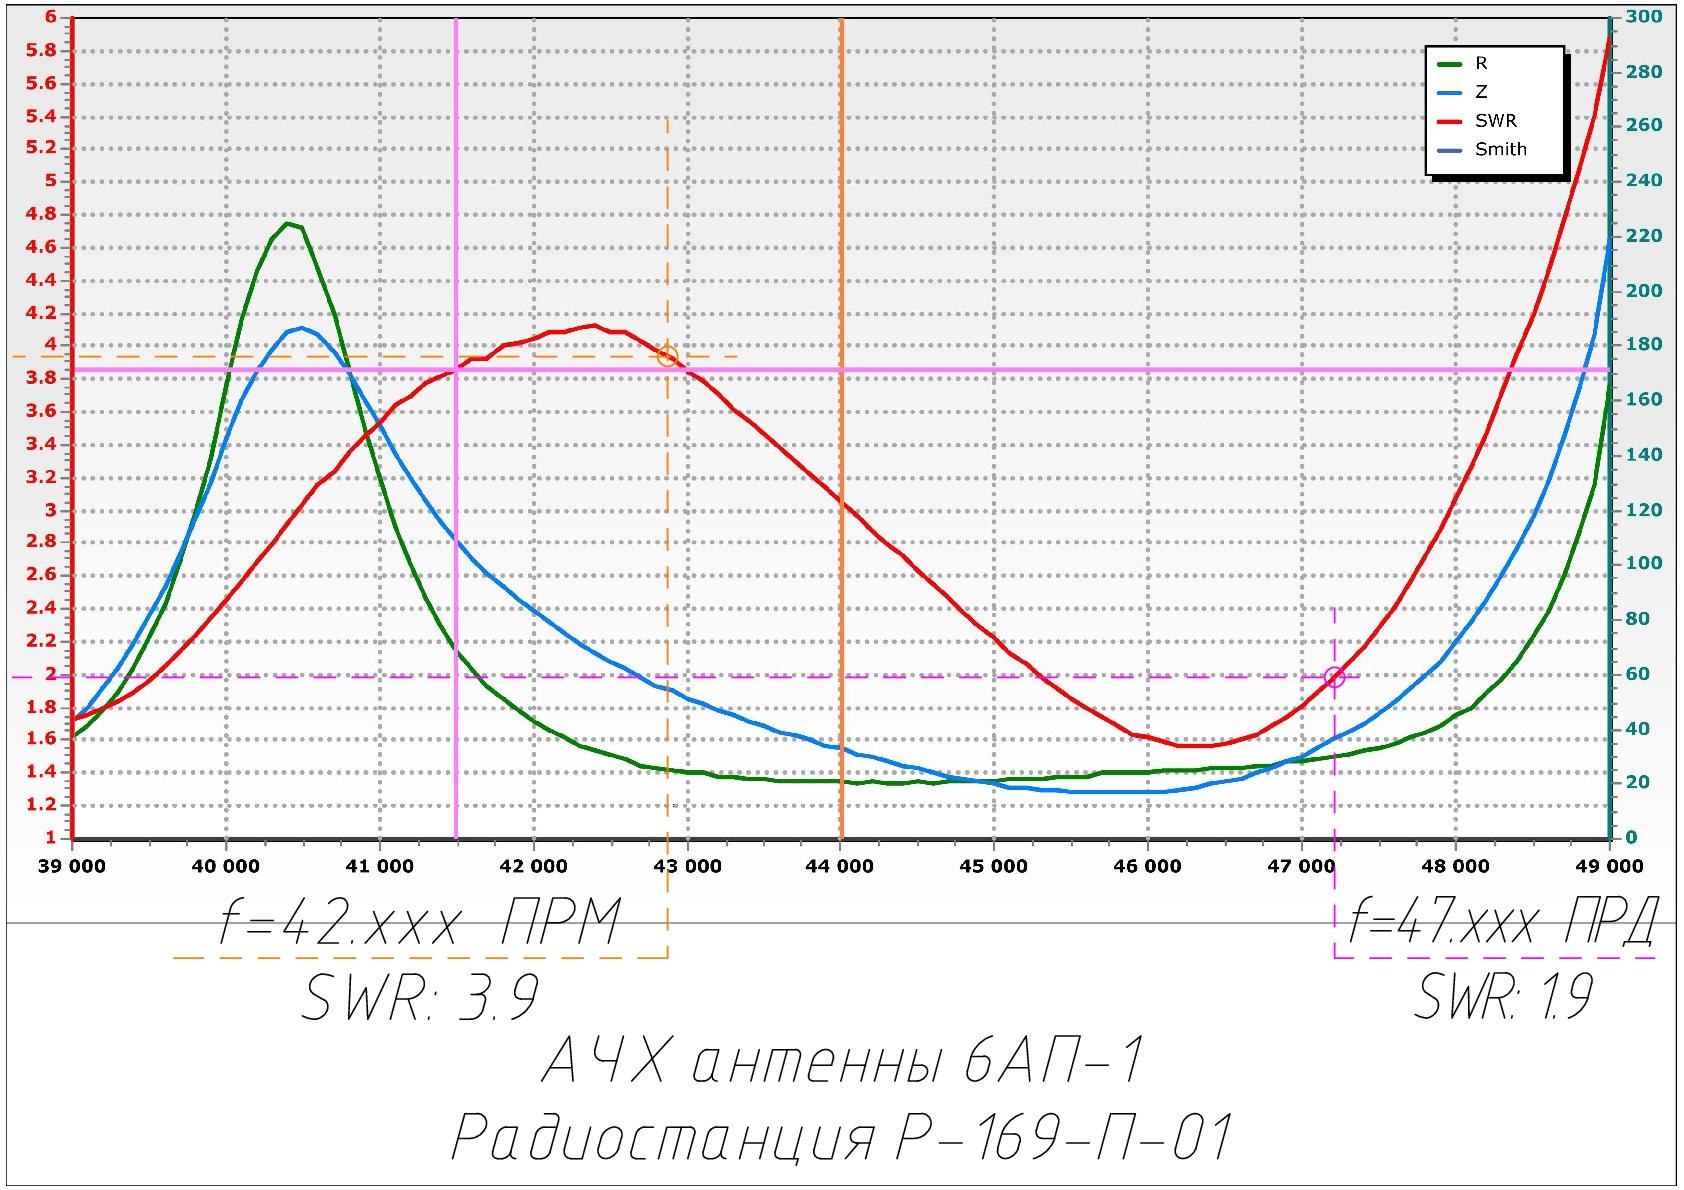 Нажмите на изображение для увеличения.  Название:6АП-1 АЧХ форум-001.jpg Просмотров:6 Размер:584.4 Кб ID:197983